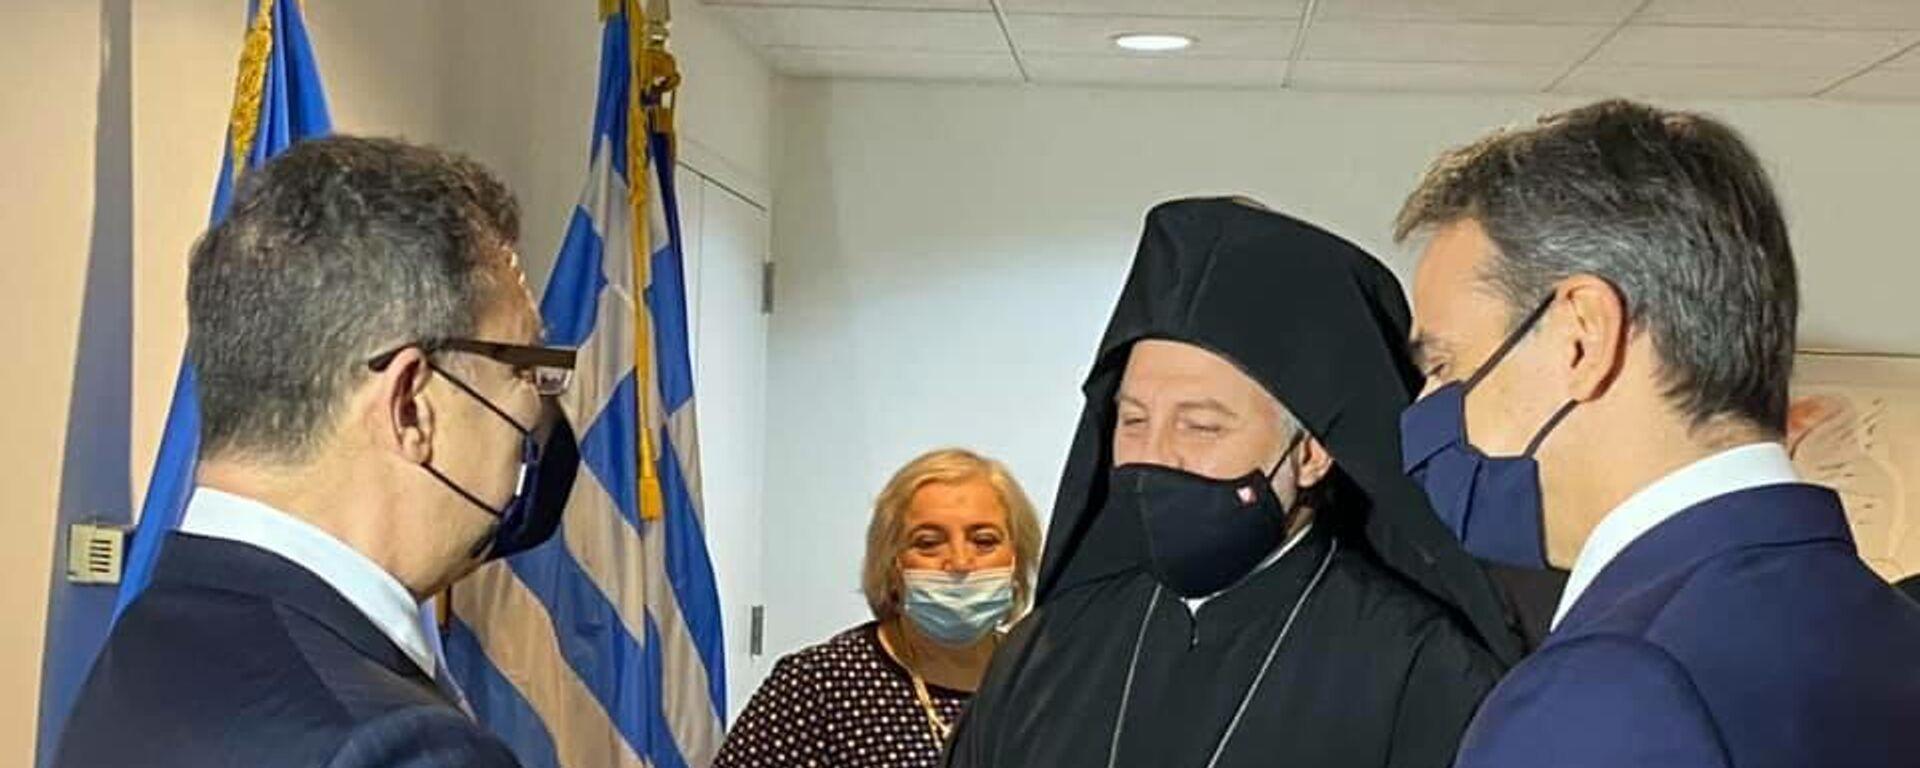 Συνάντηση Μητσοτάκη - Αρχιεπισκόπου Ελπιδοφόρου στη Νέα Υόρκη - Sputnik Ελλάδα, 1920, 24.09.2021